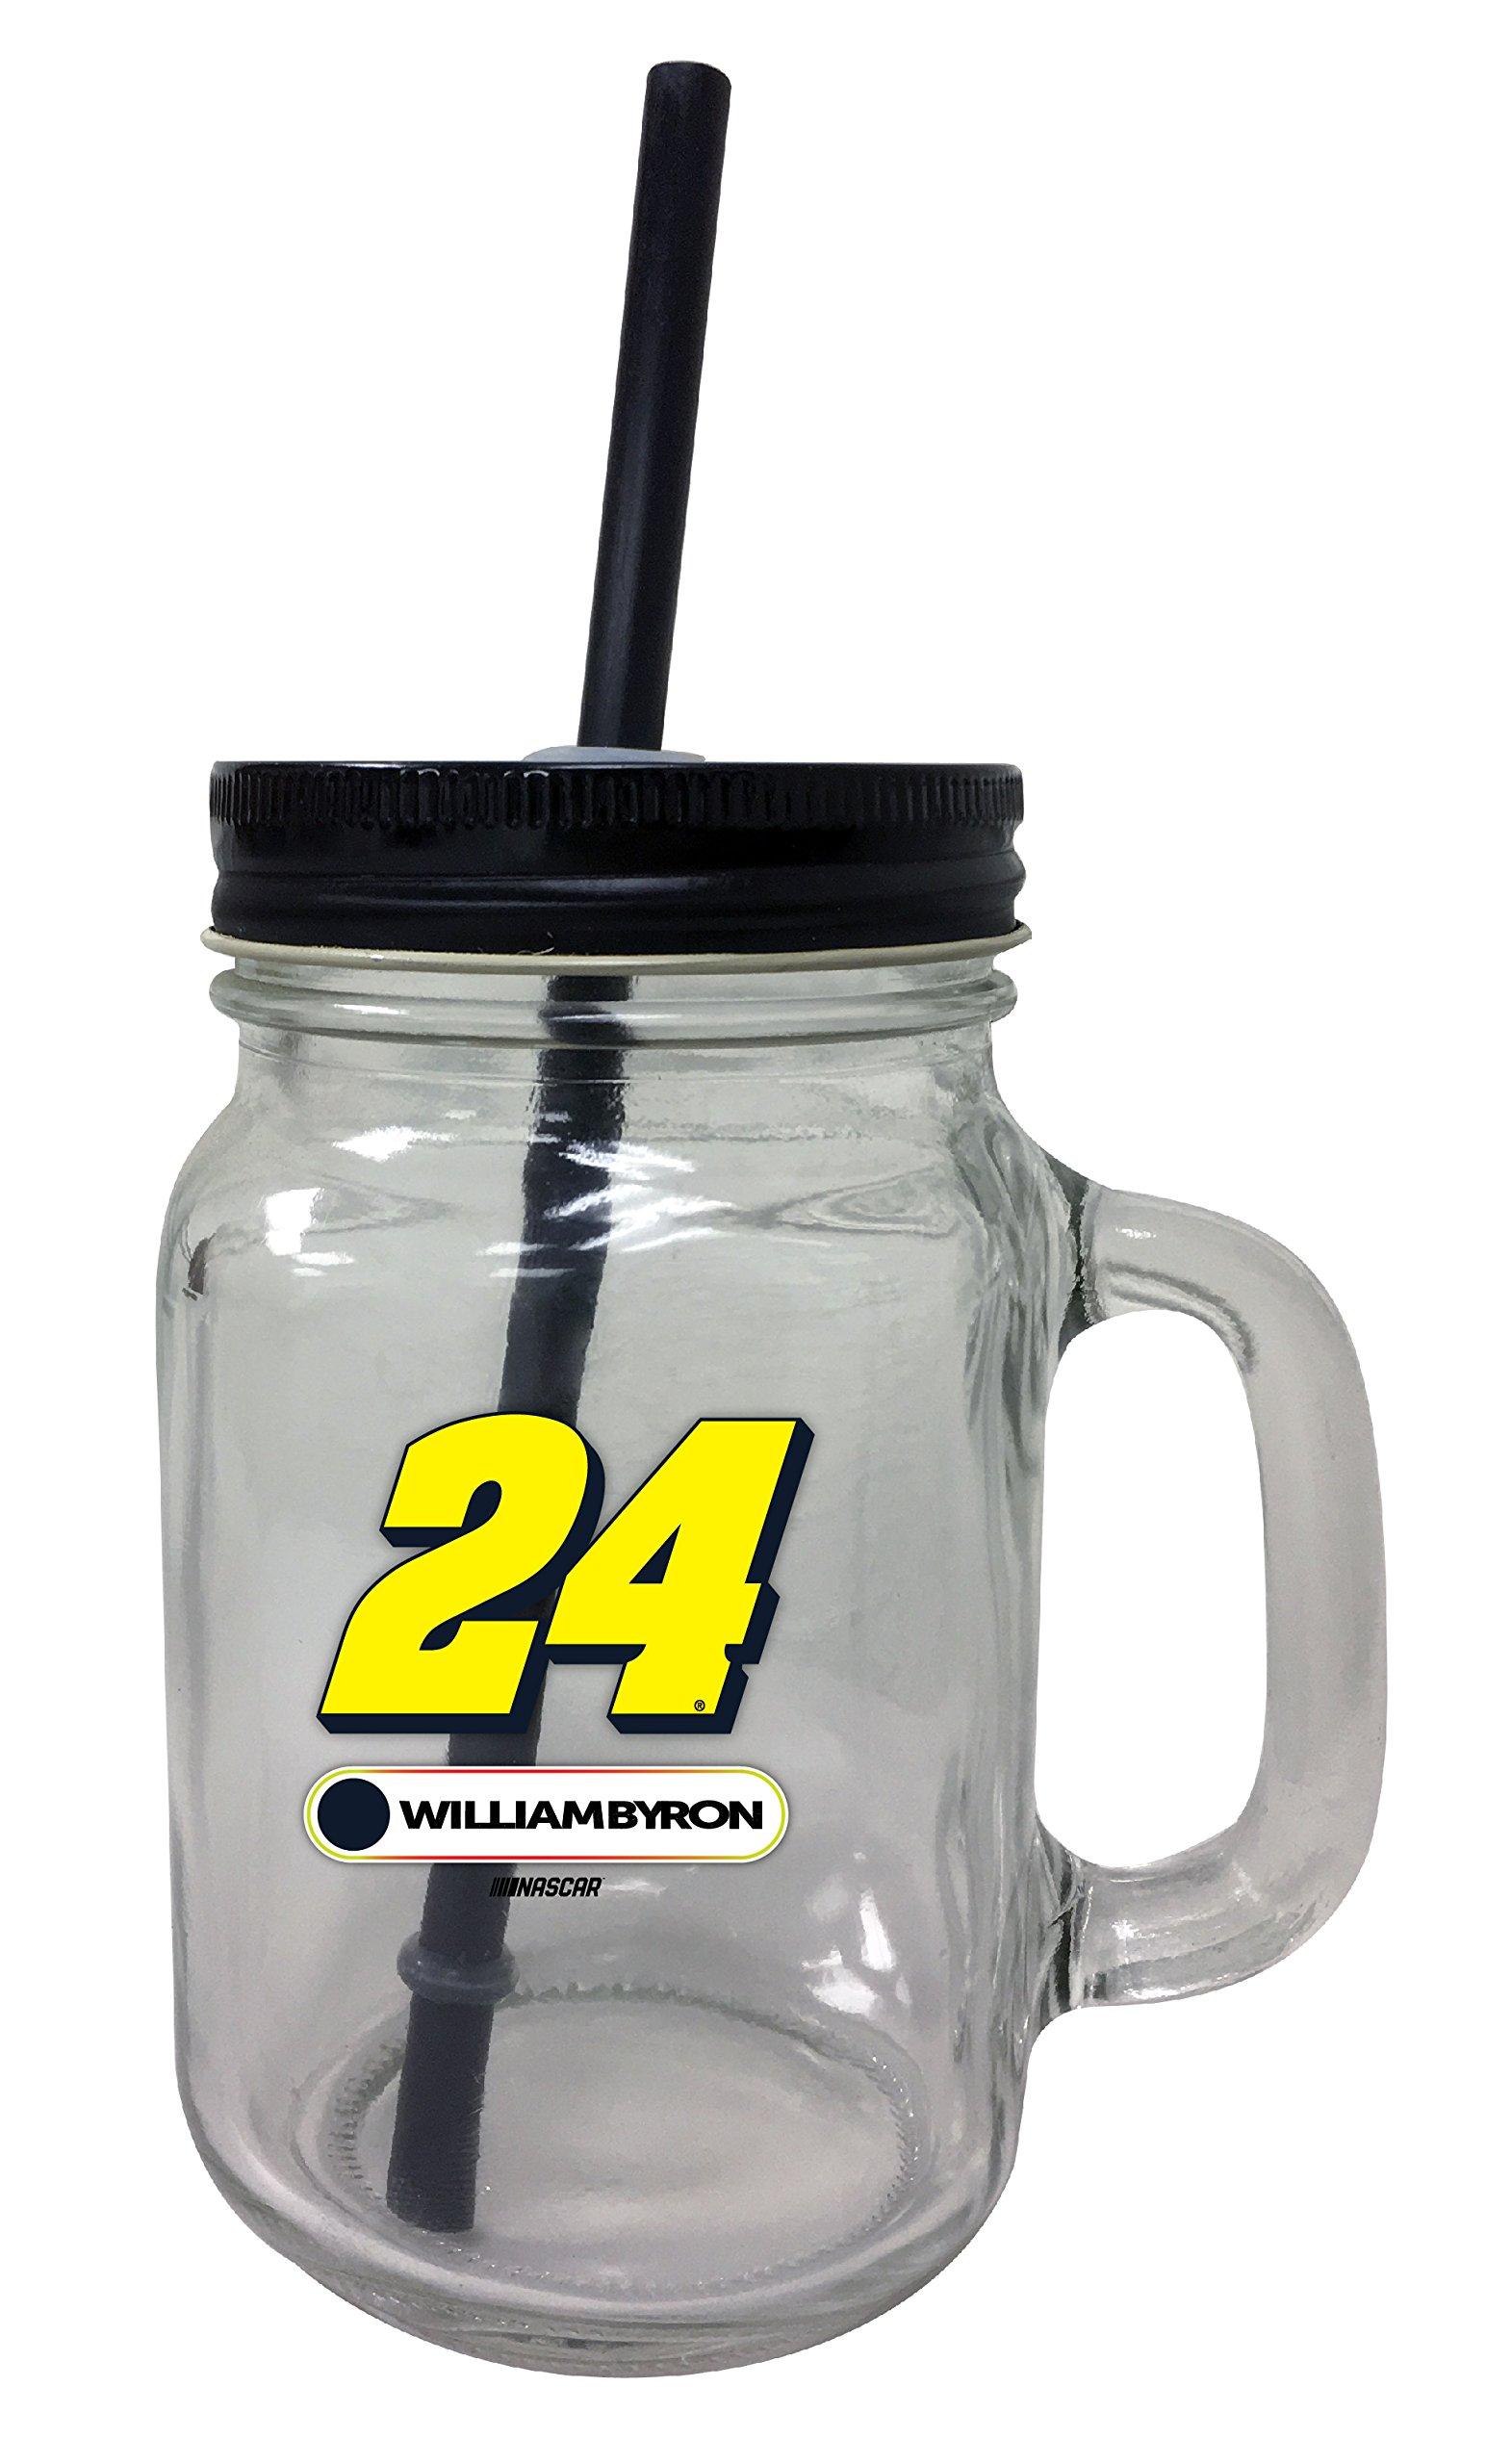 William Byron #24 Mason Jar Glass Tumbler